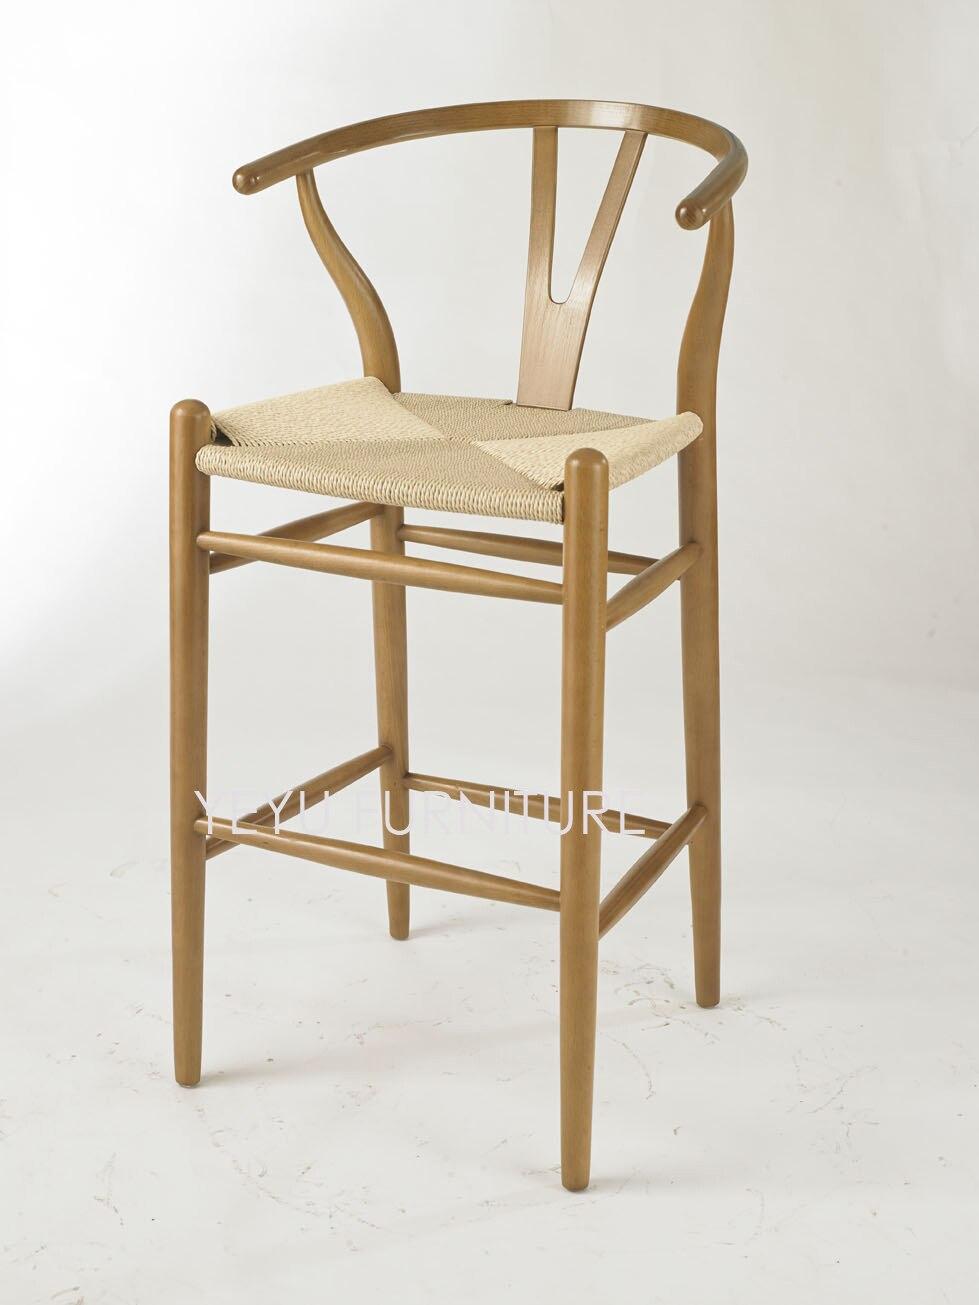 261 08 Hauteur D Assise 76 Cm Design Moderne Chaise De Bar En Bois Massif Tabouret De Comptoir Chaise De Bar En Bois Siège Cordon En Papier Tissé